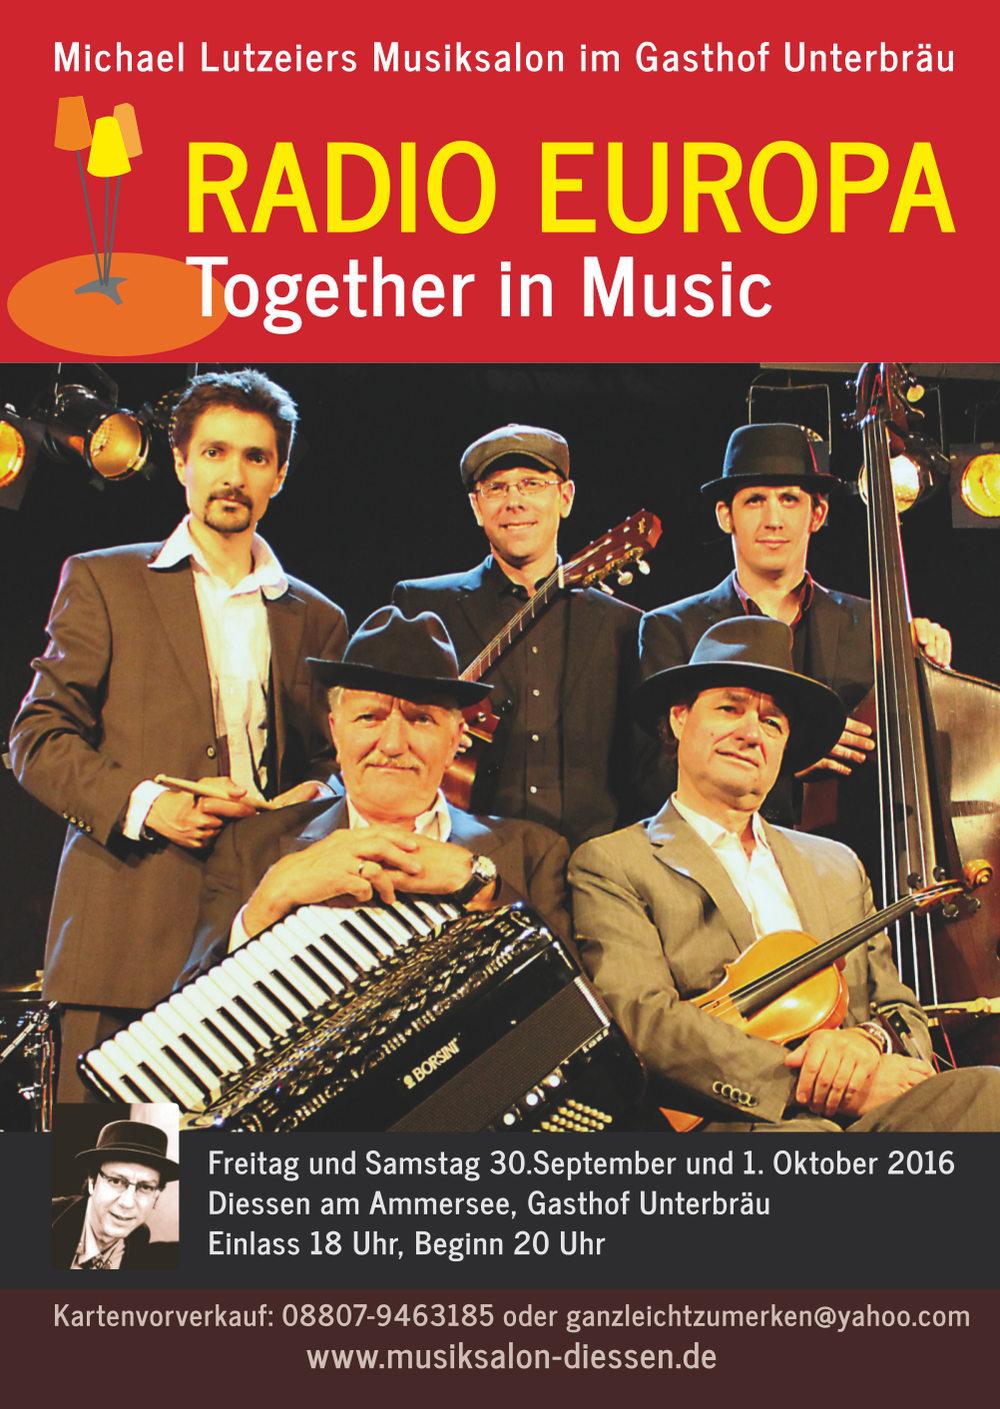 Radio Europa im Musiksalon Dießen, 30.9/1.10. 2016